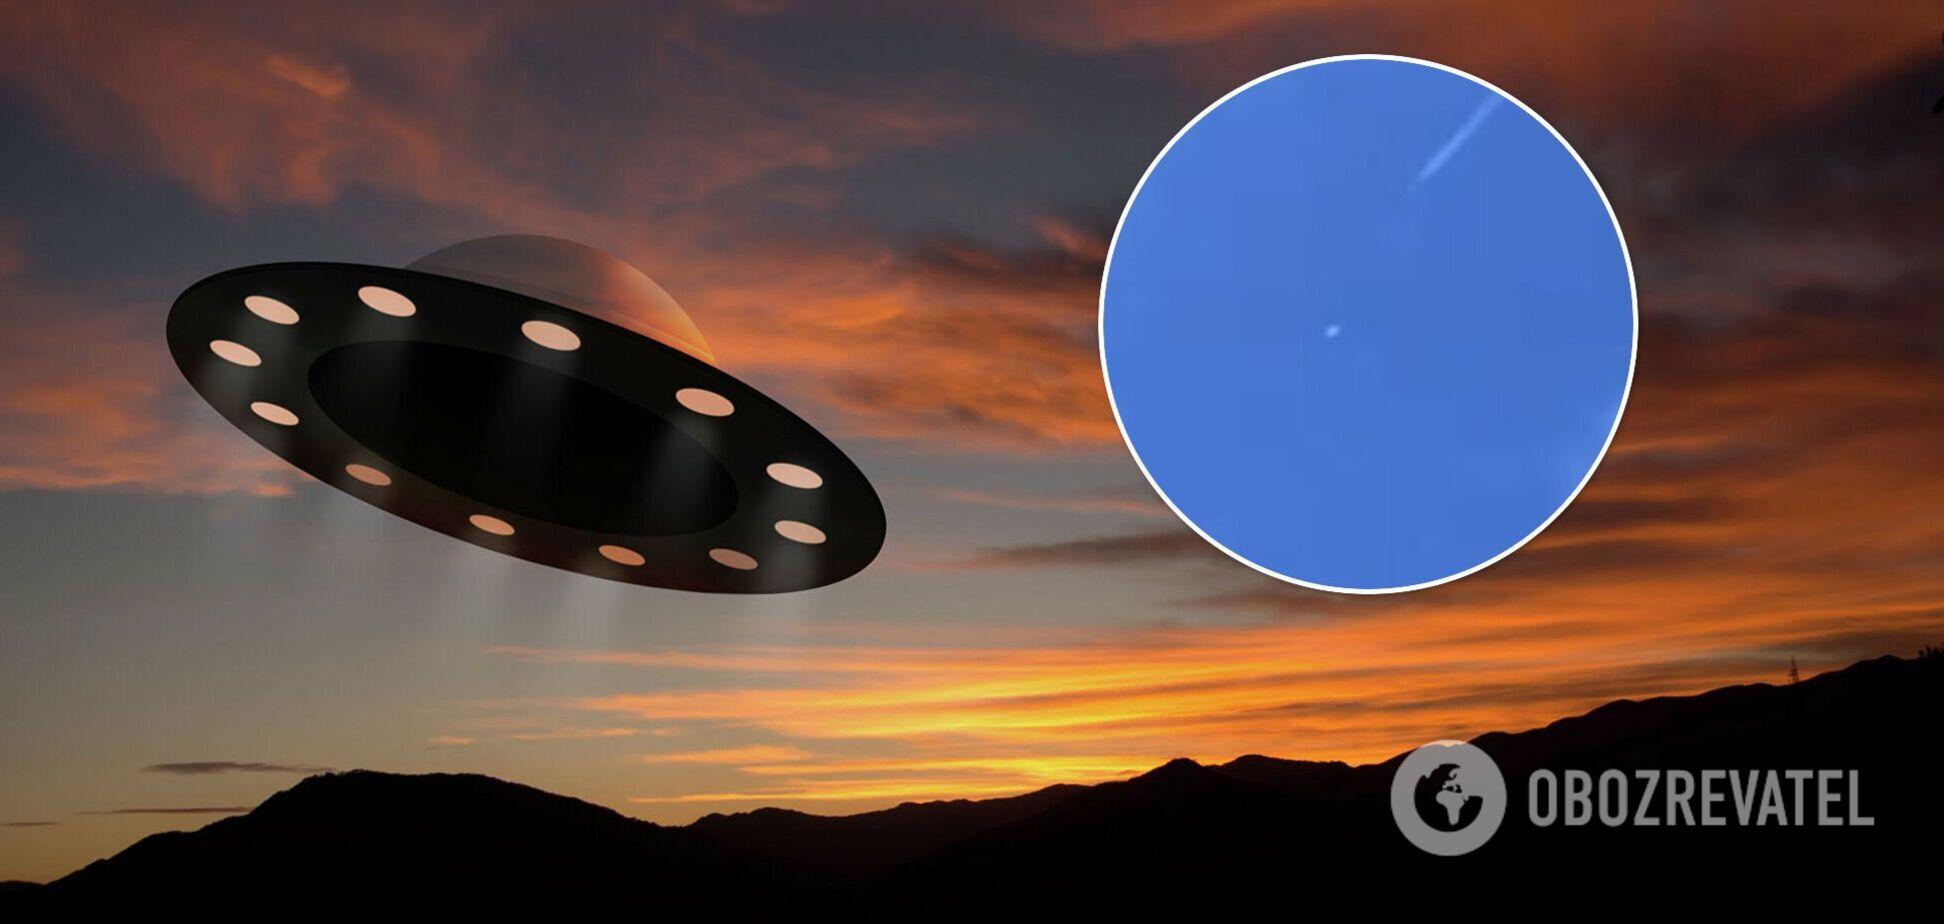 В небе над США заметили загадочный объект, похожий на НЛО. Видео